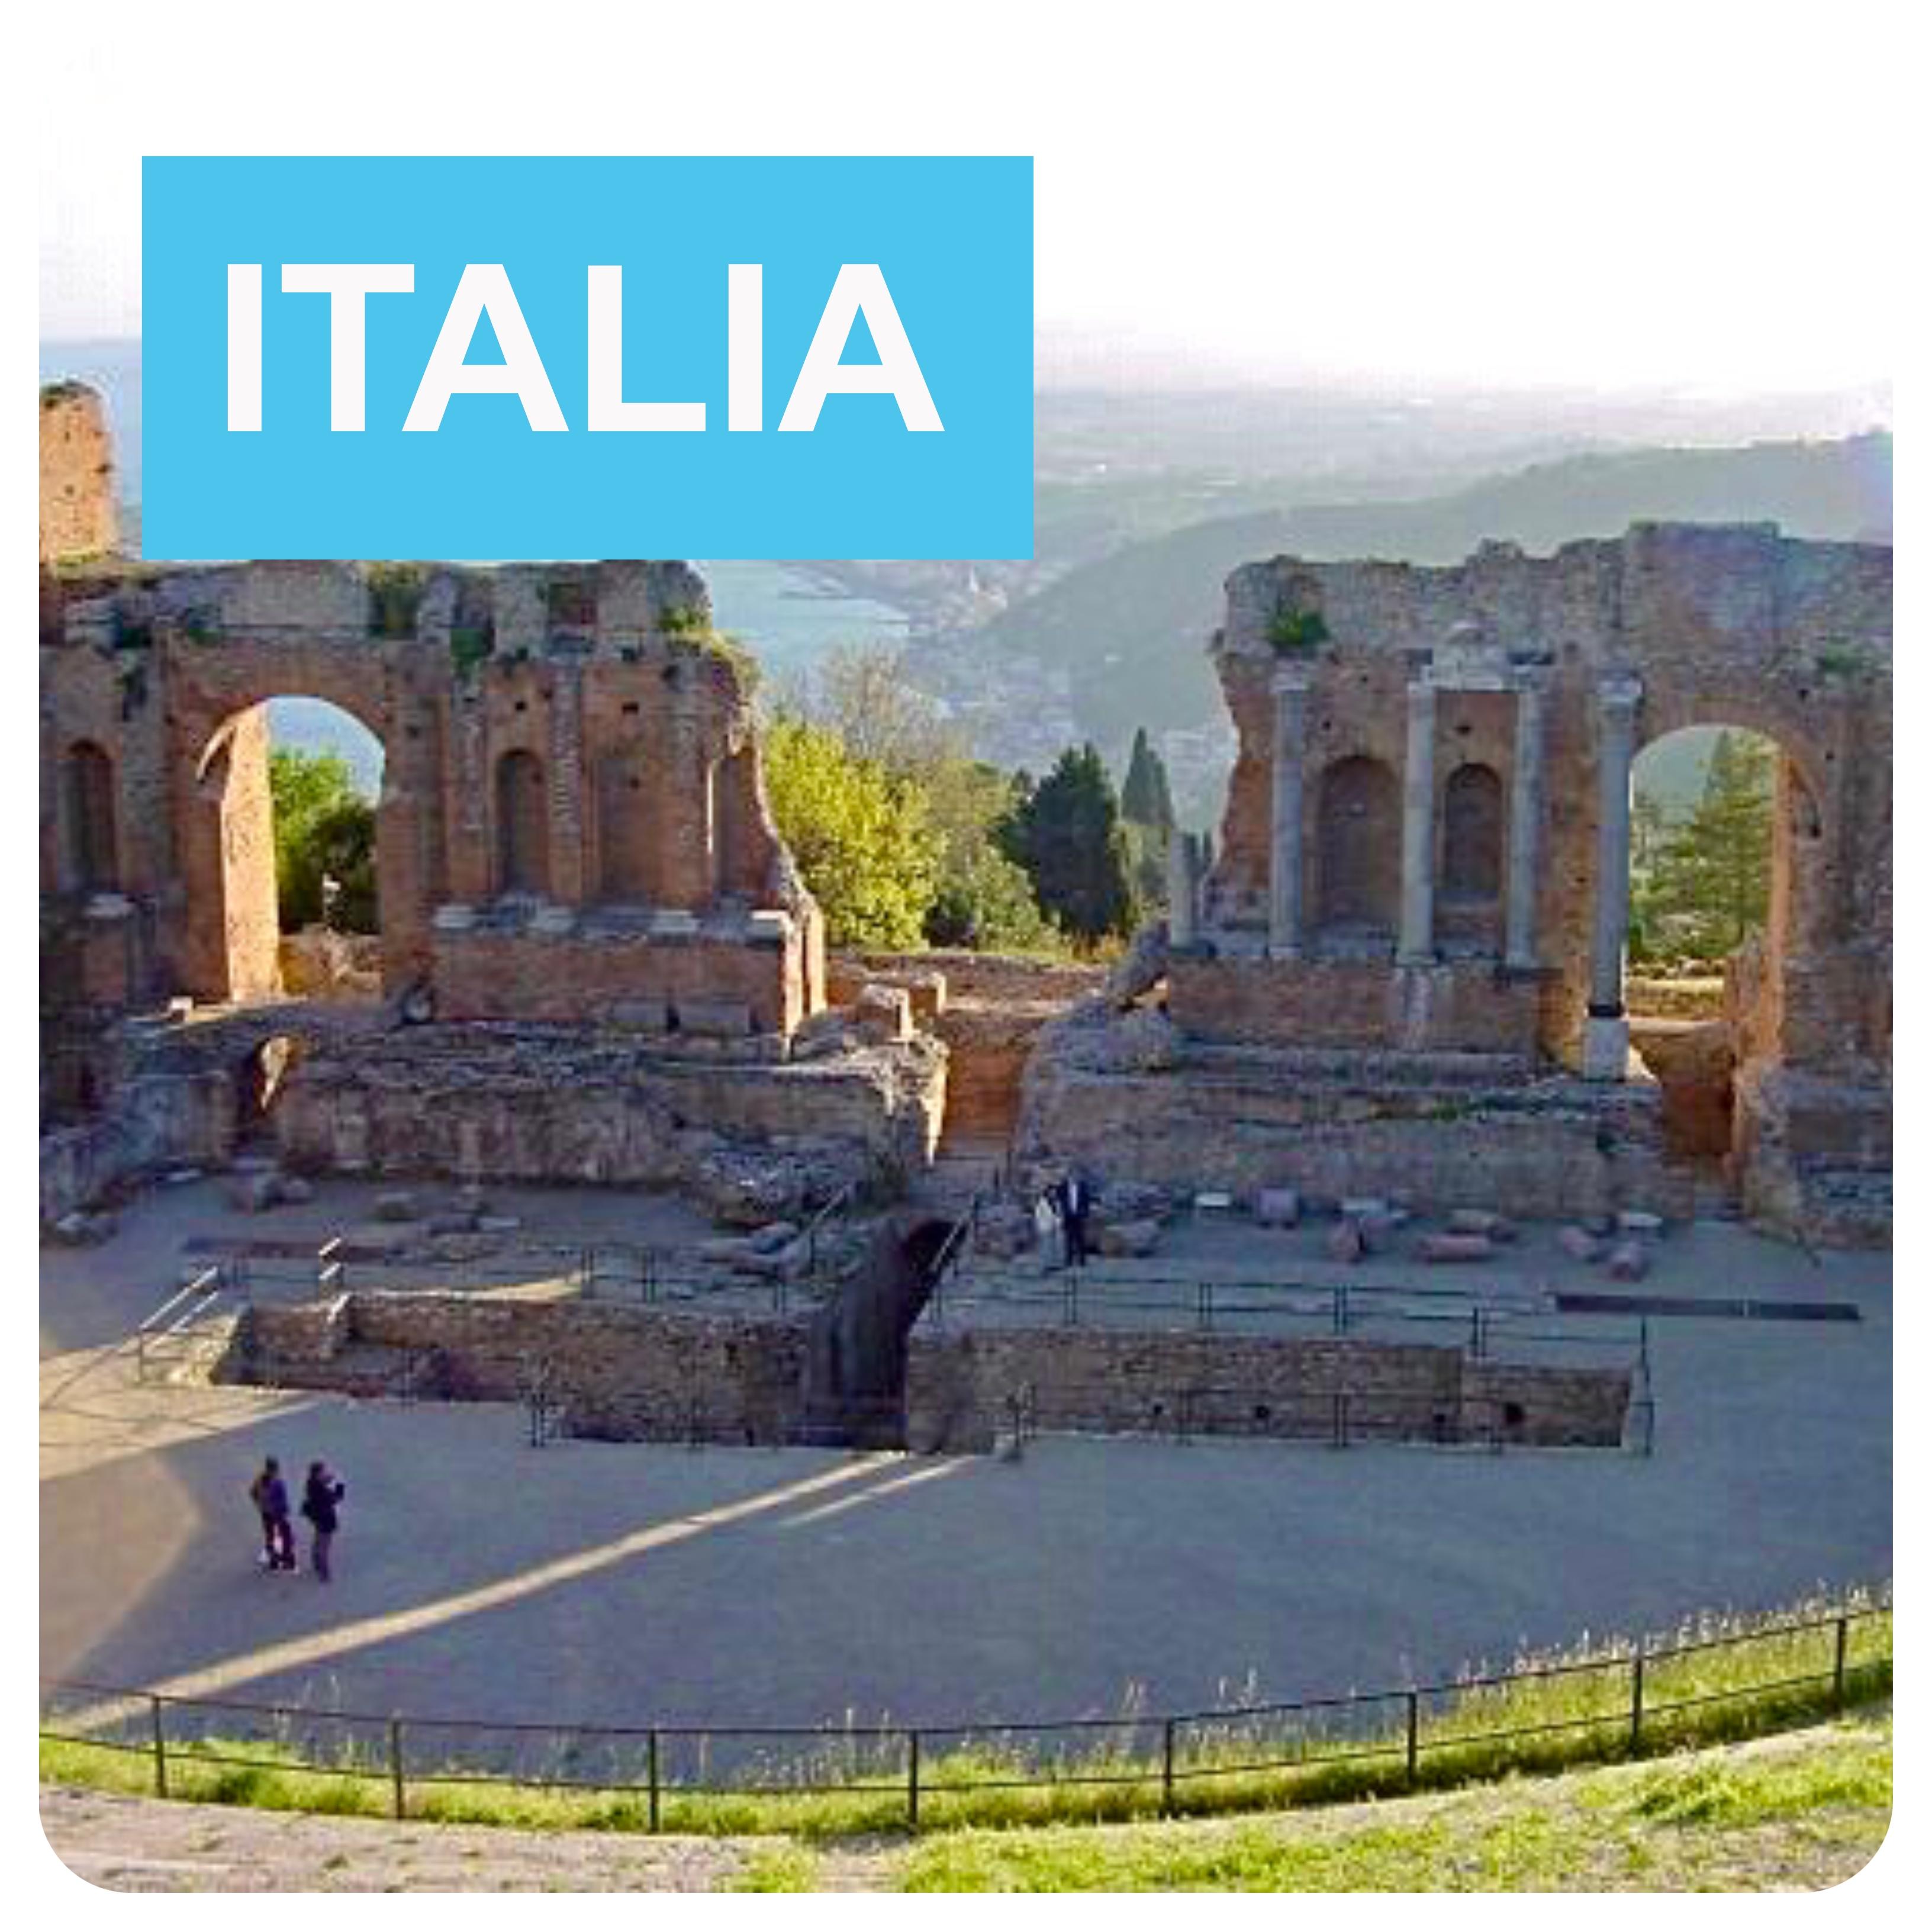 Noleggio auto italia senza carta di credito